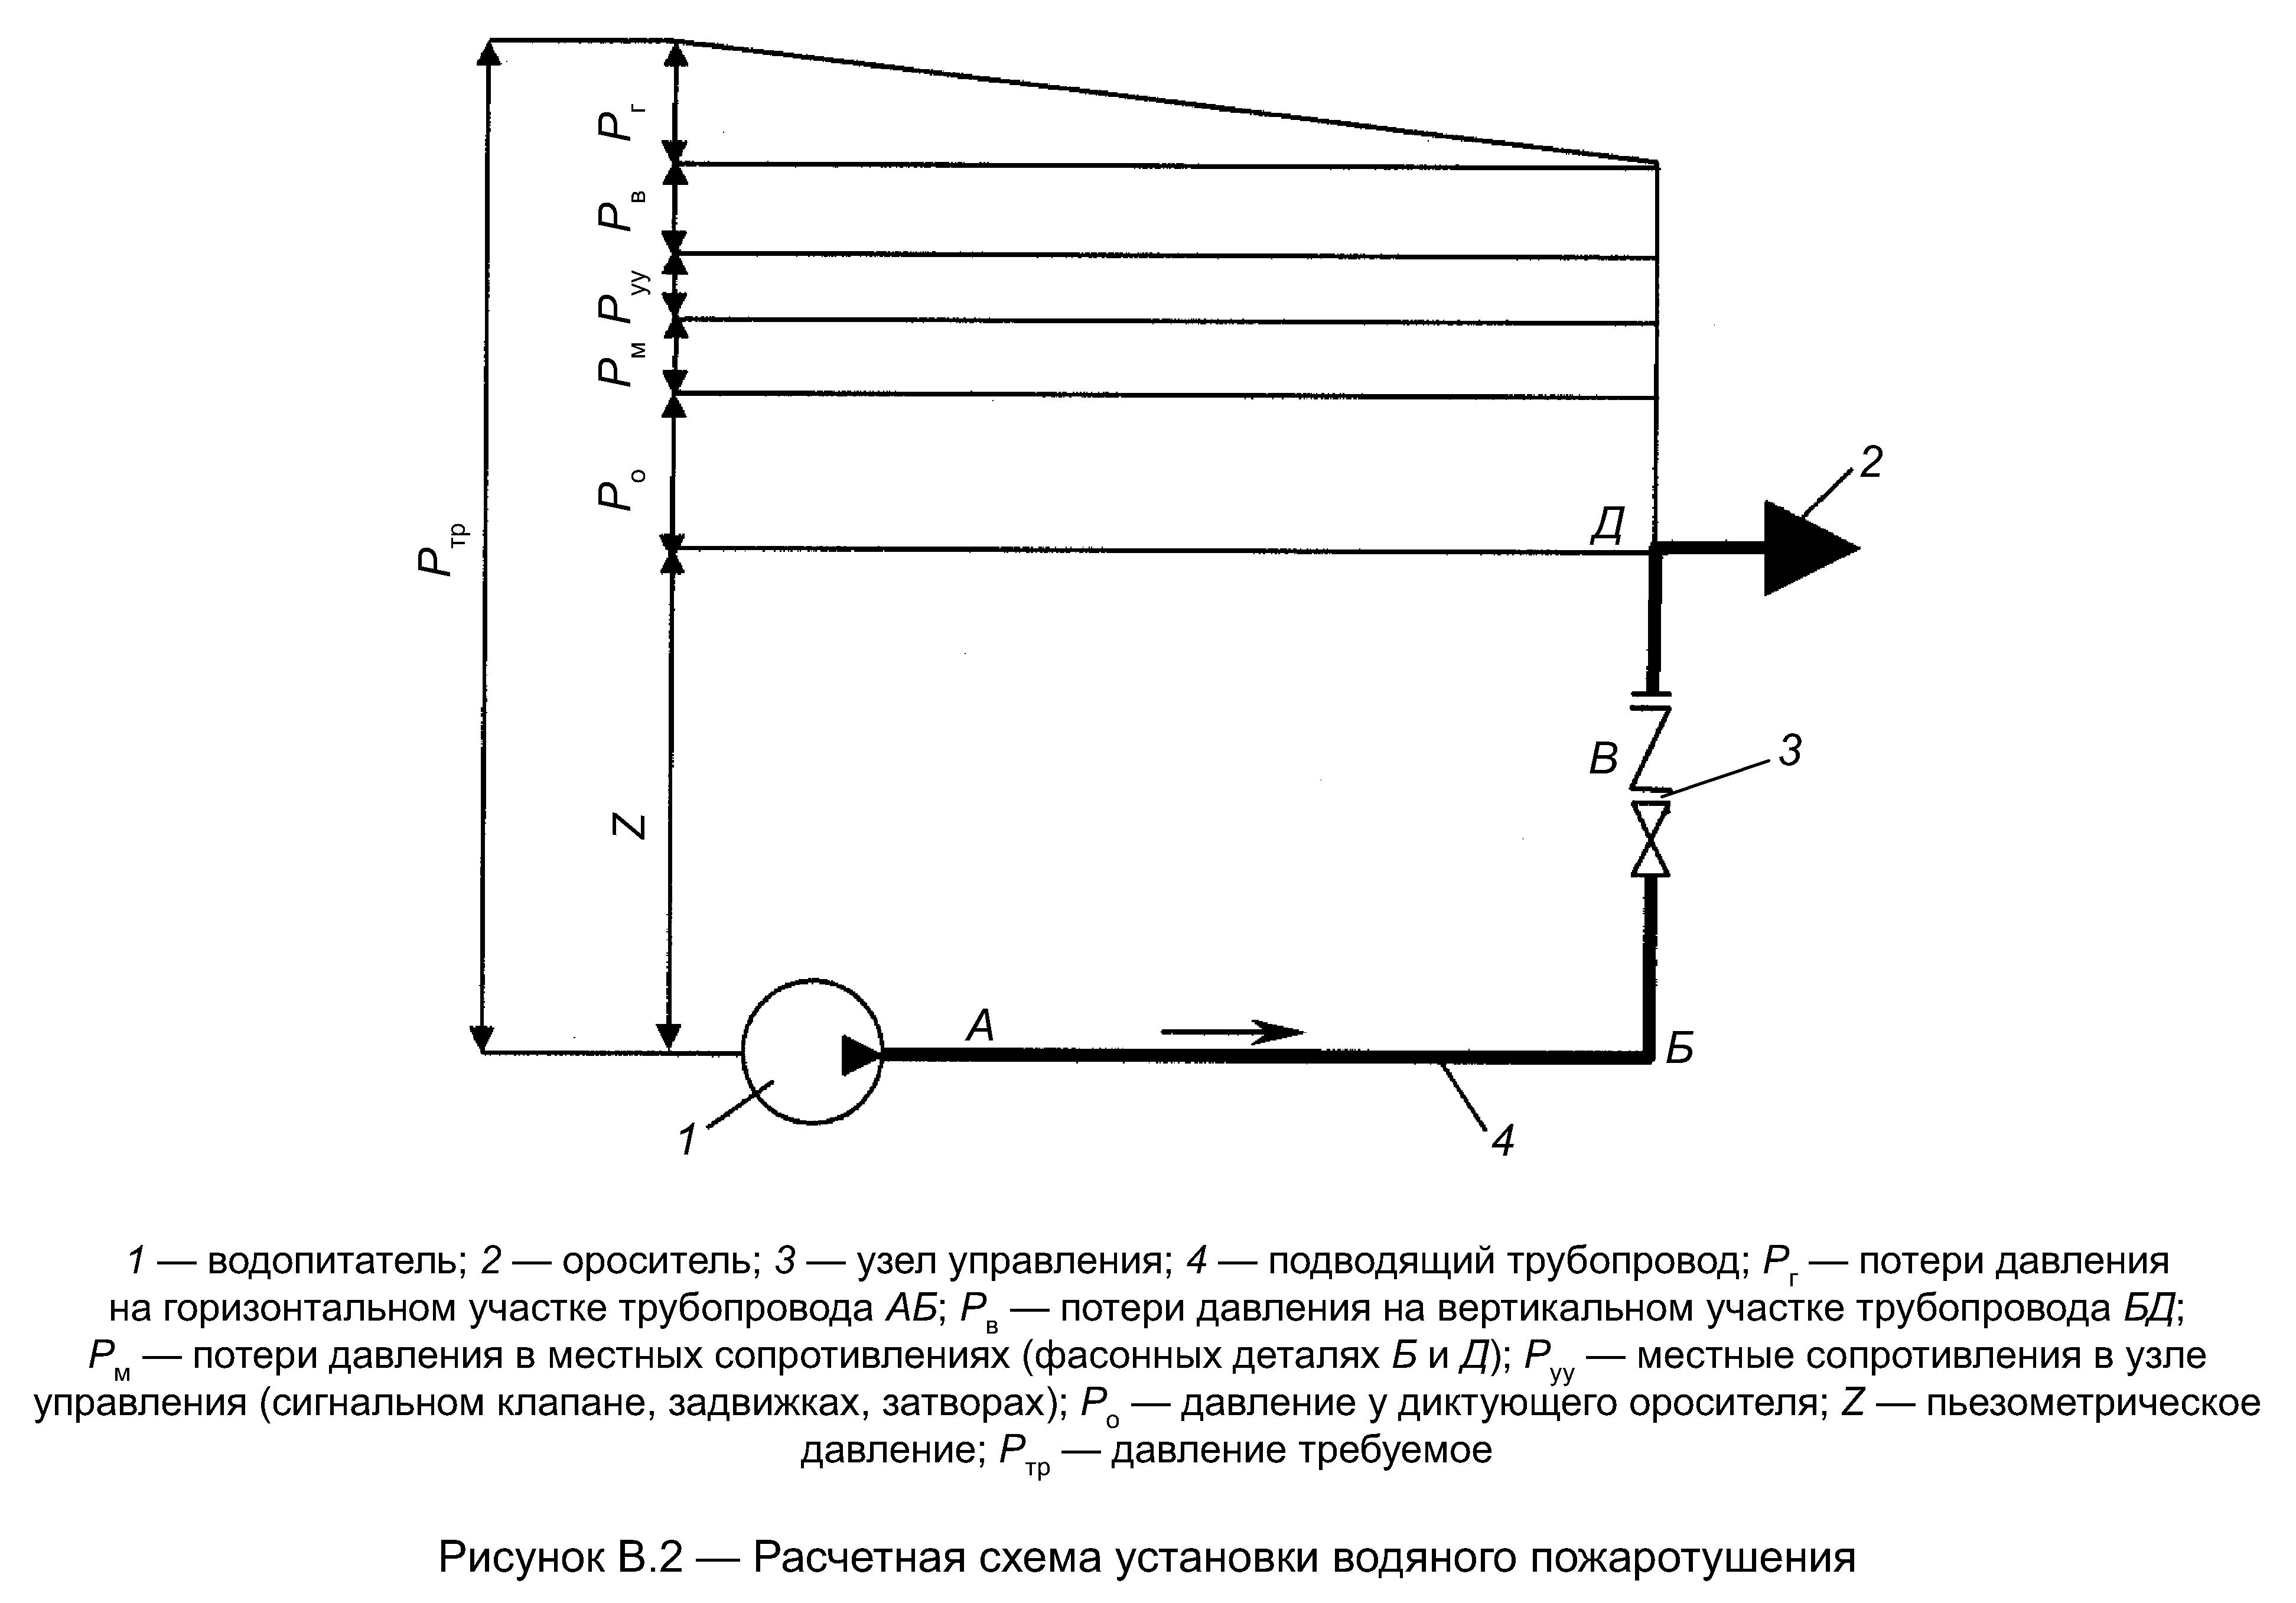 РИС. В.2 (К СВОДУ ПРАВИЛ СП 5.13130.2009)